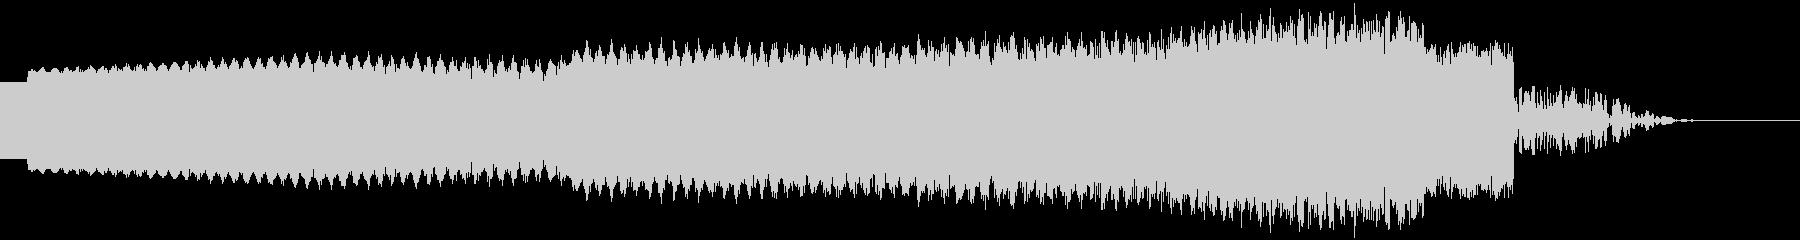 ピュー(ノイズ/ブレーキ/ファミコン/嵐の未再生の波形